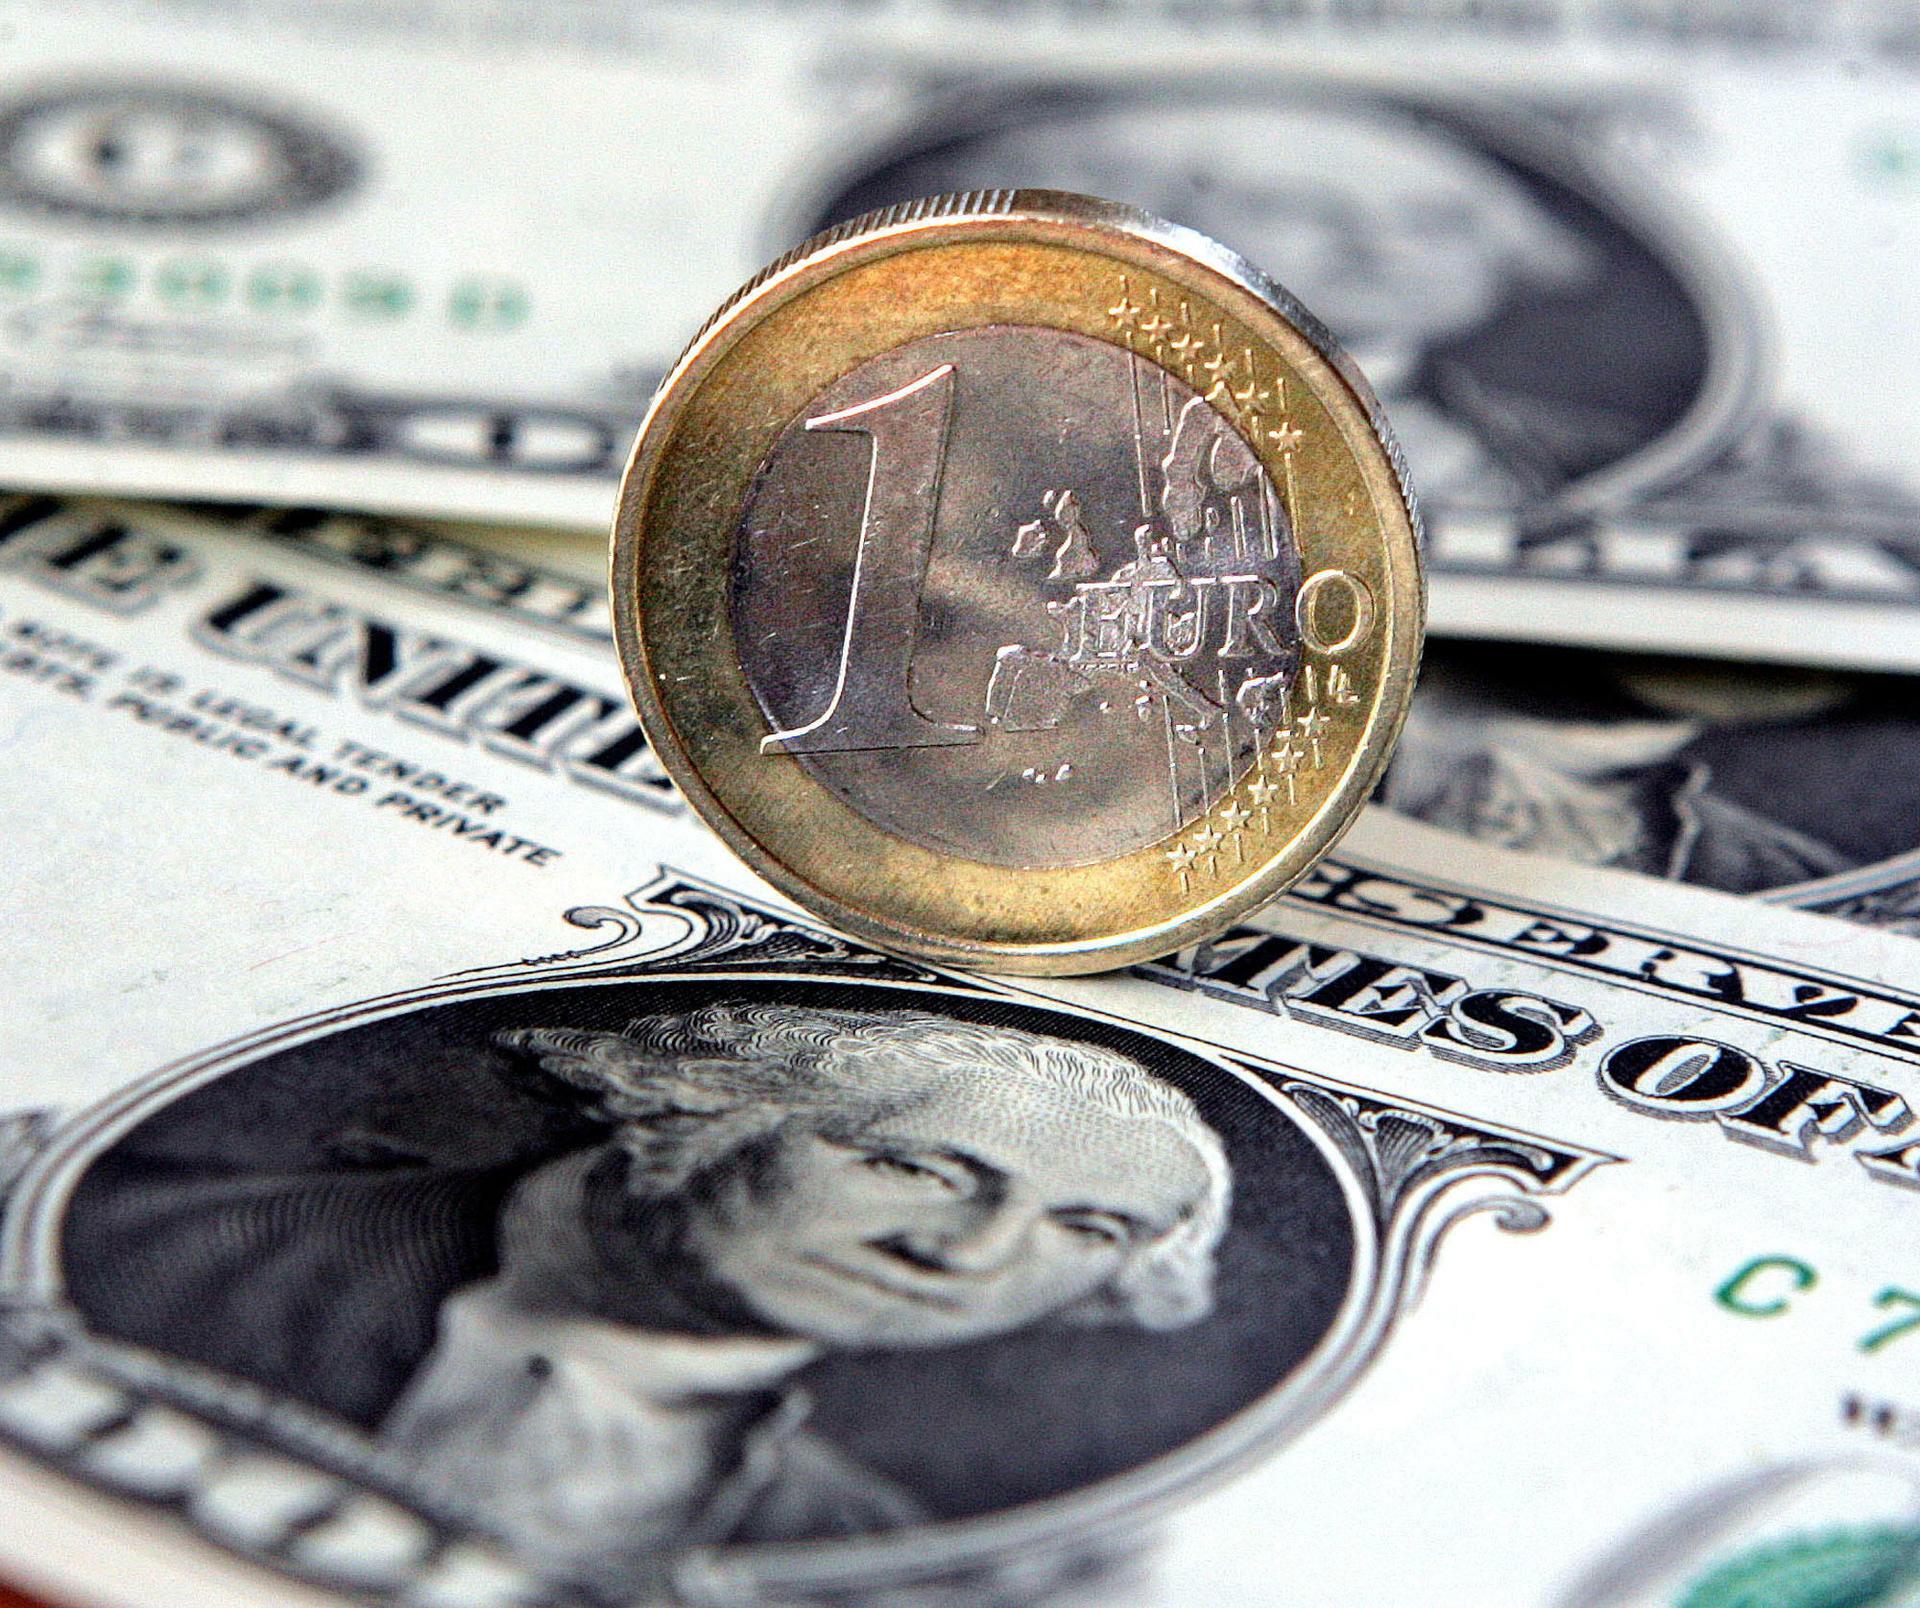 Chartanalyse Gewinne Egal Ob Der Euro Steigt Oder Fällt